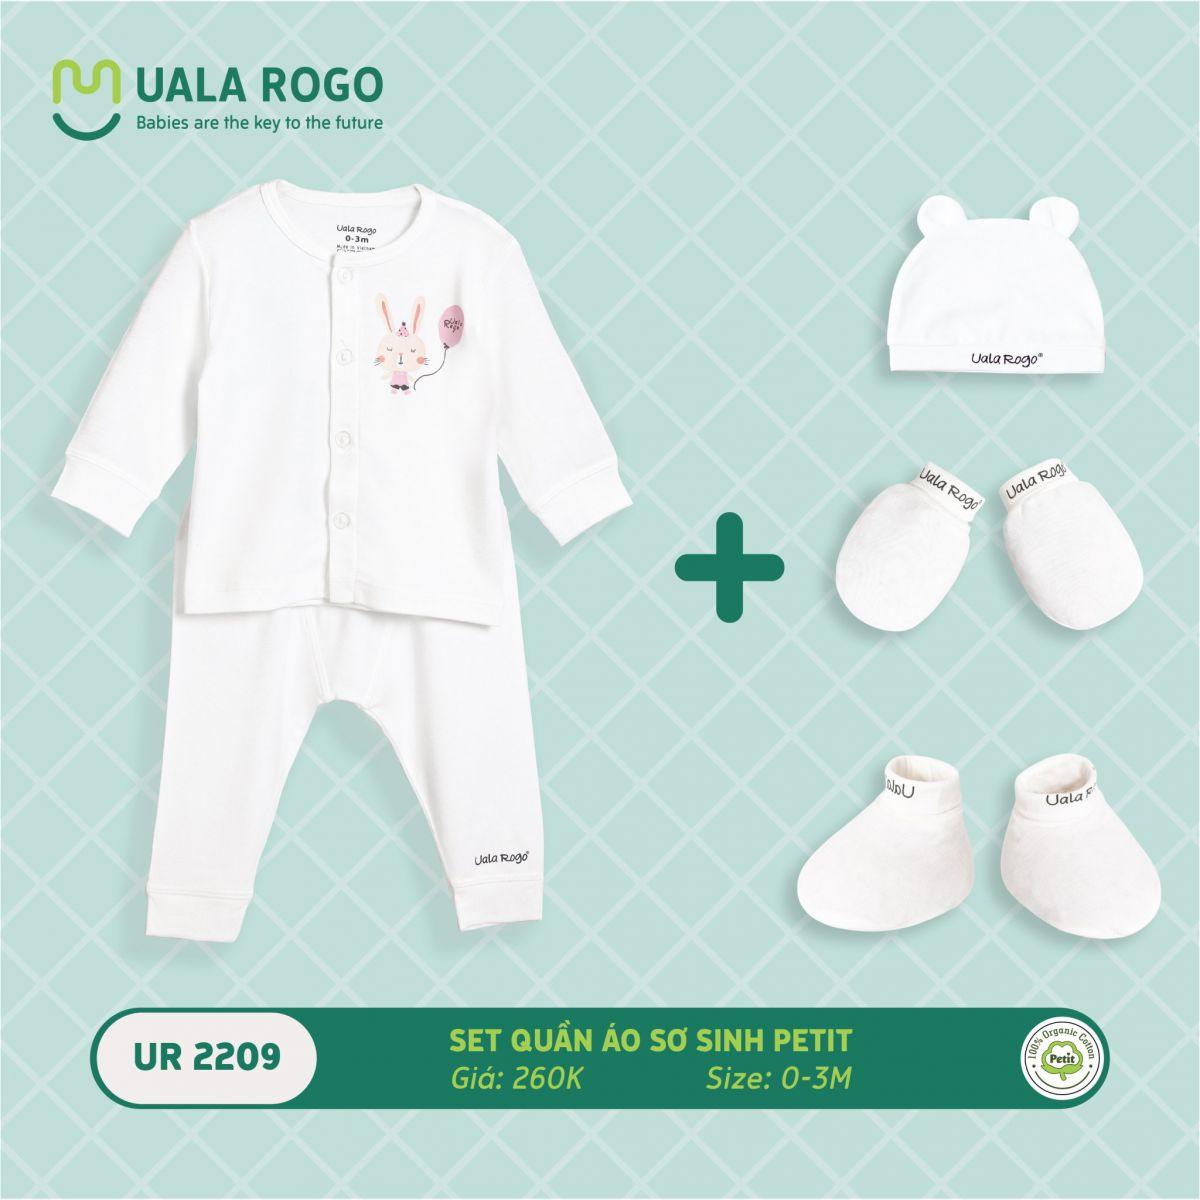 UR2209.2 - Set quần áo sơ sinh vải petit Uala Rogo - Màu trắng họa tiết thỏ hồng